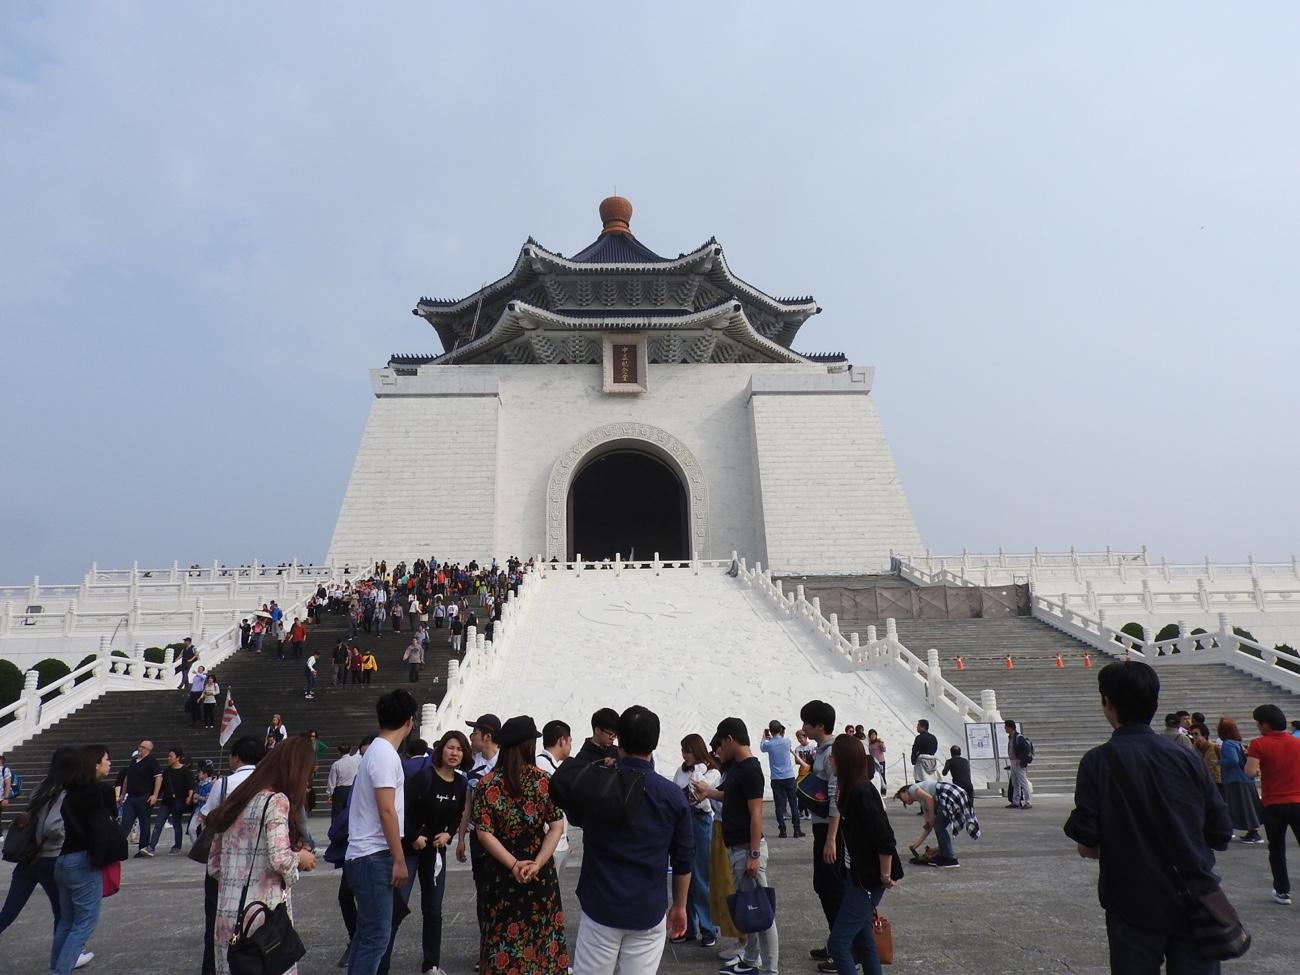 衛兵交代式がある中正記念堂の場所 台北観光